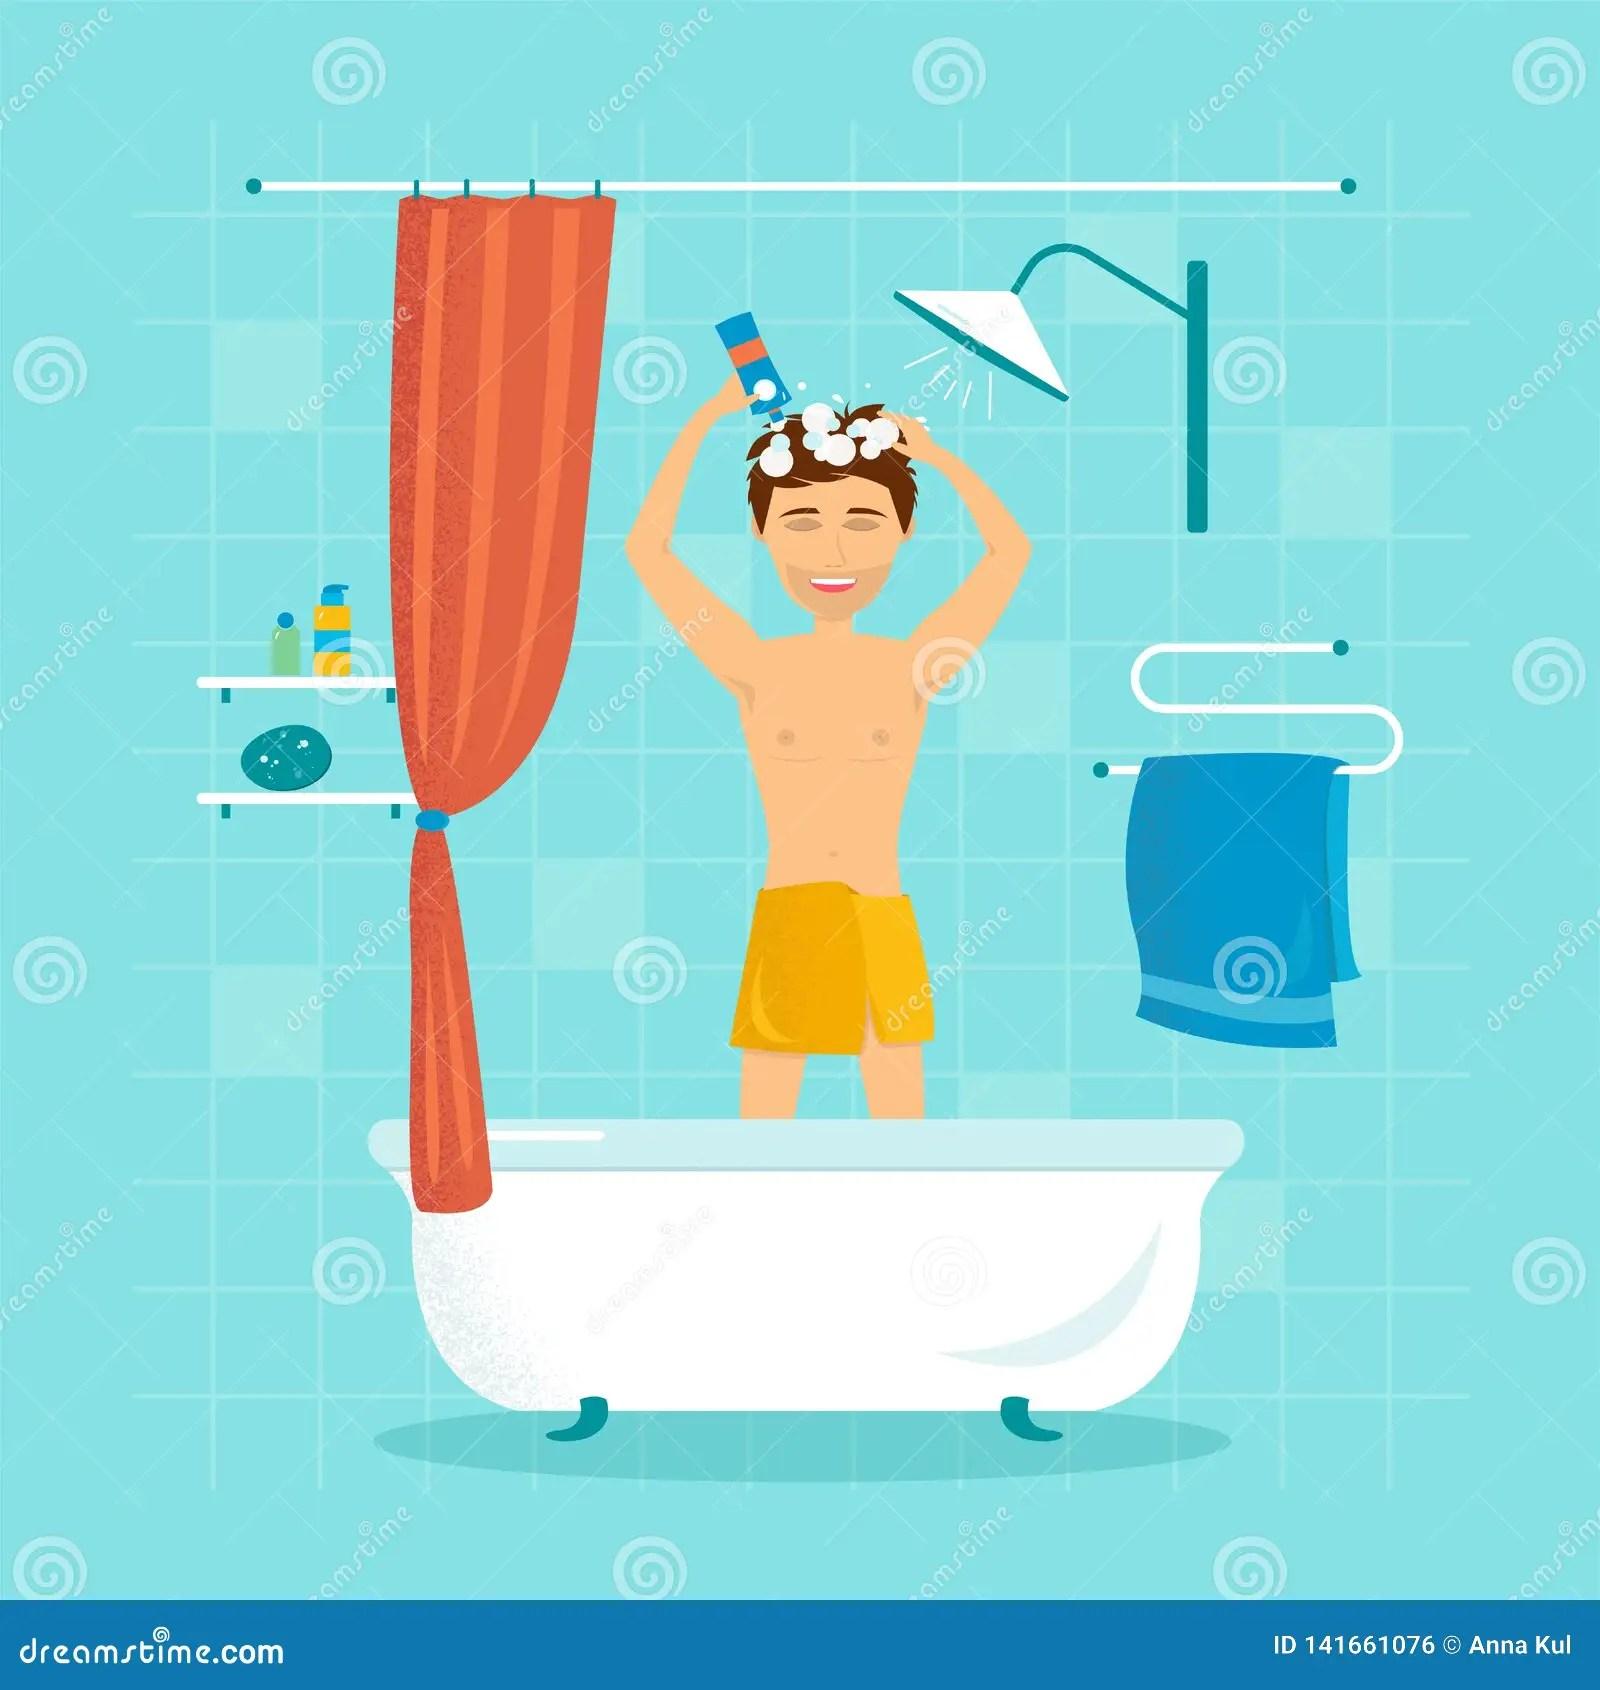 https fr dreamstime com l homme douche se lave les cheveux shampooing illustration vecteur image141661076